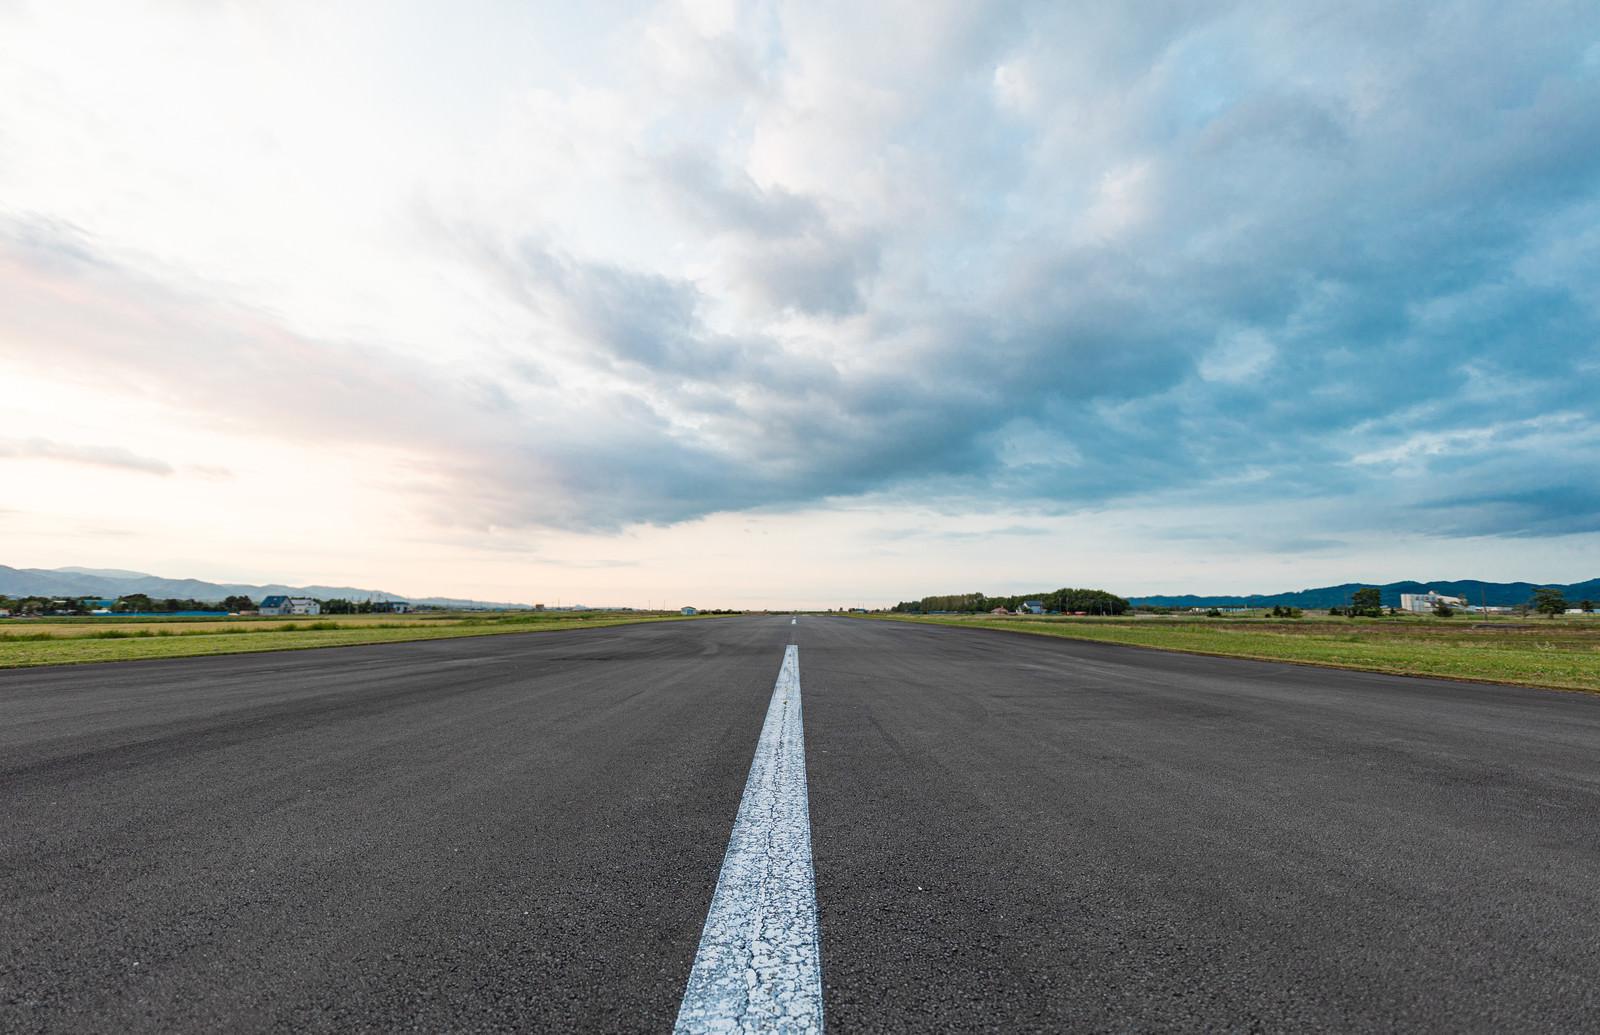 「一直線に伸びた滑走路上からの撮影」の写真